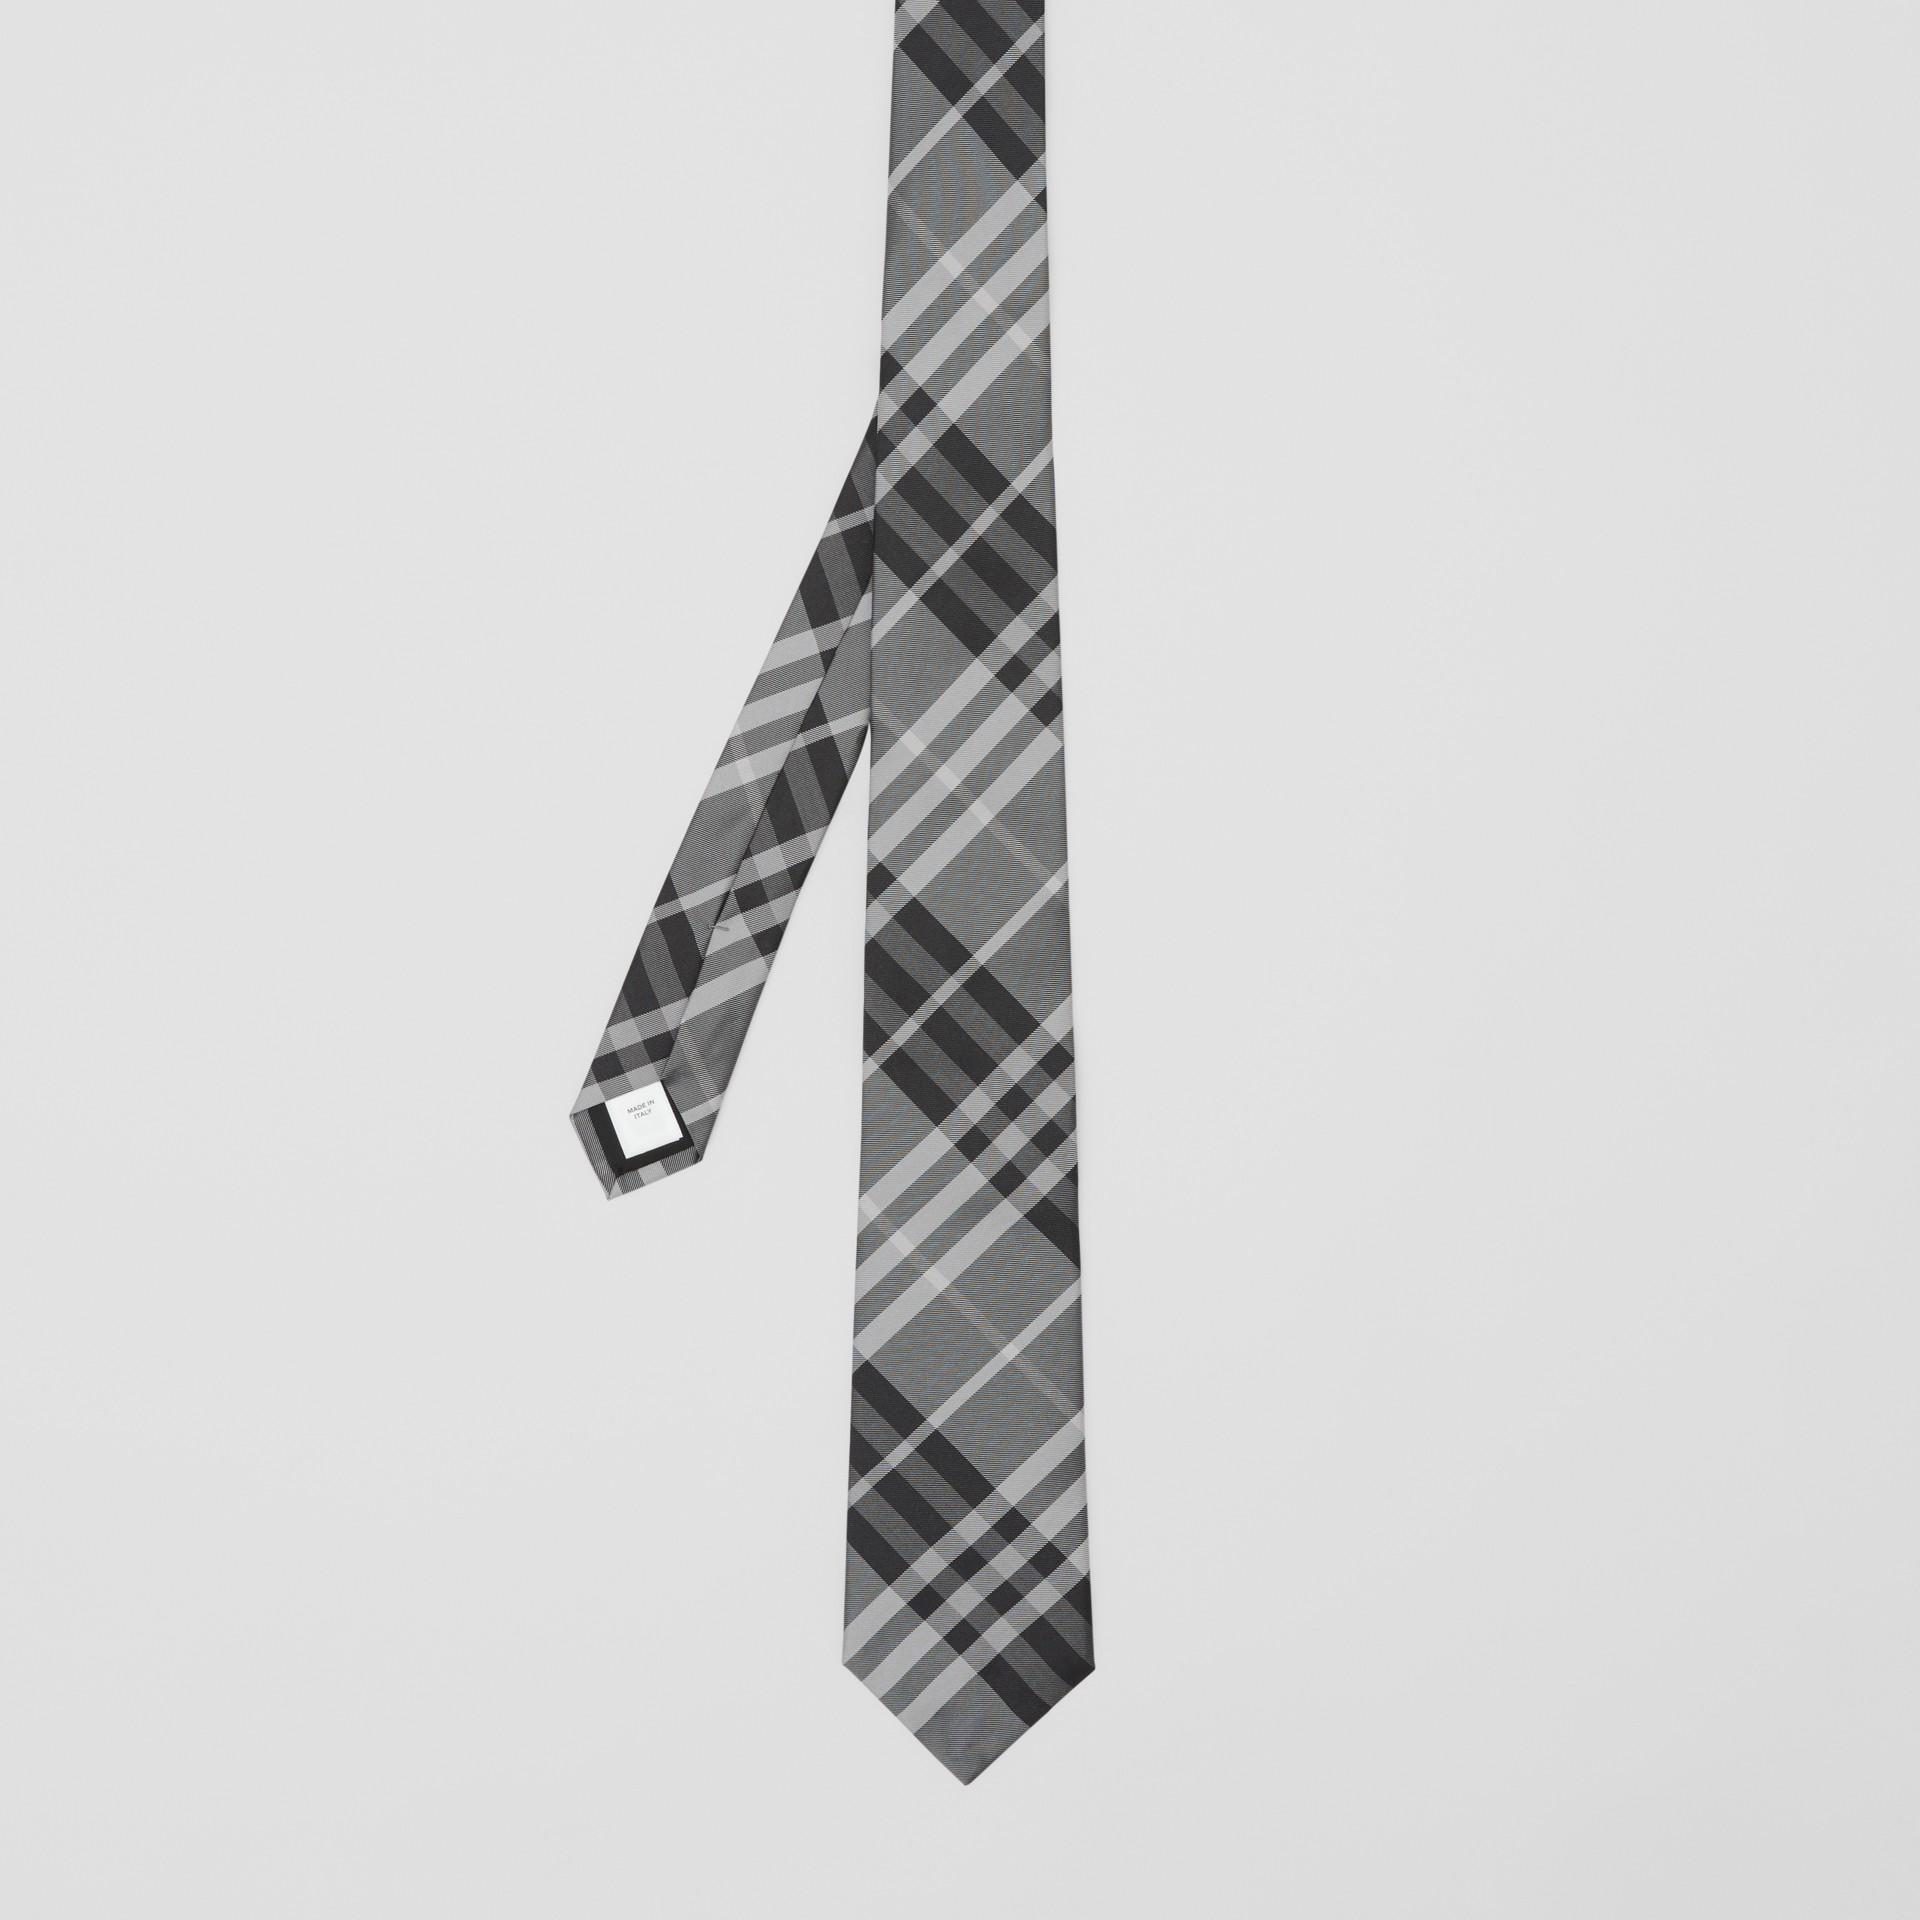 クラシックカット ヴィンテージチェック シルクタイ (ミネラルグレー) - メンズ | バーバリー - ギャラリーイメージ 4